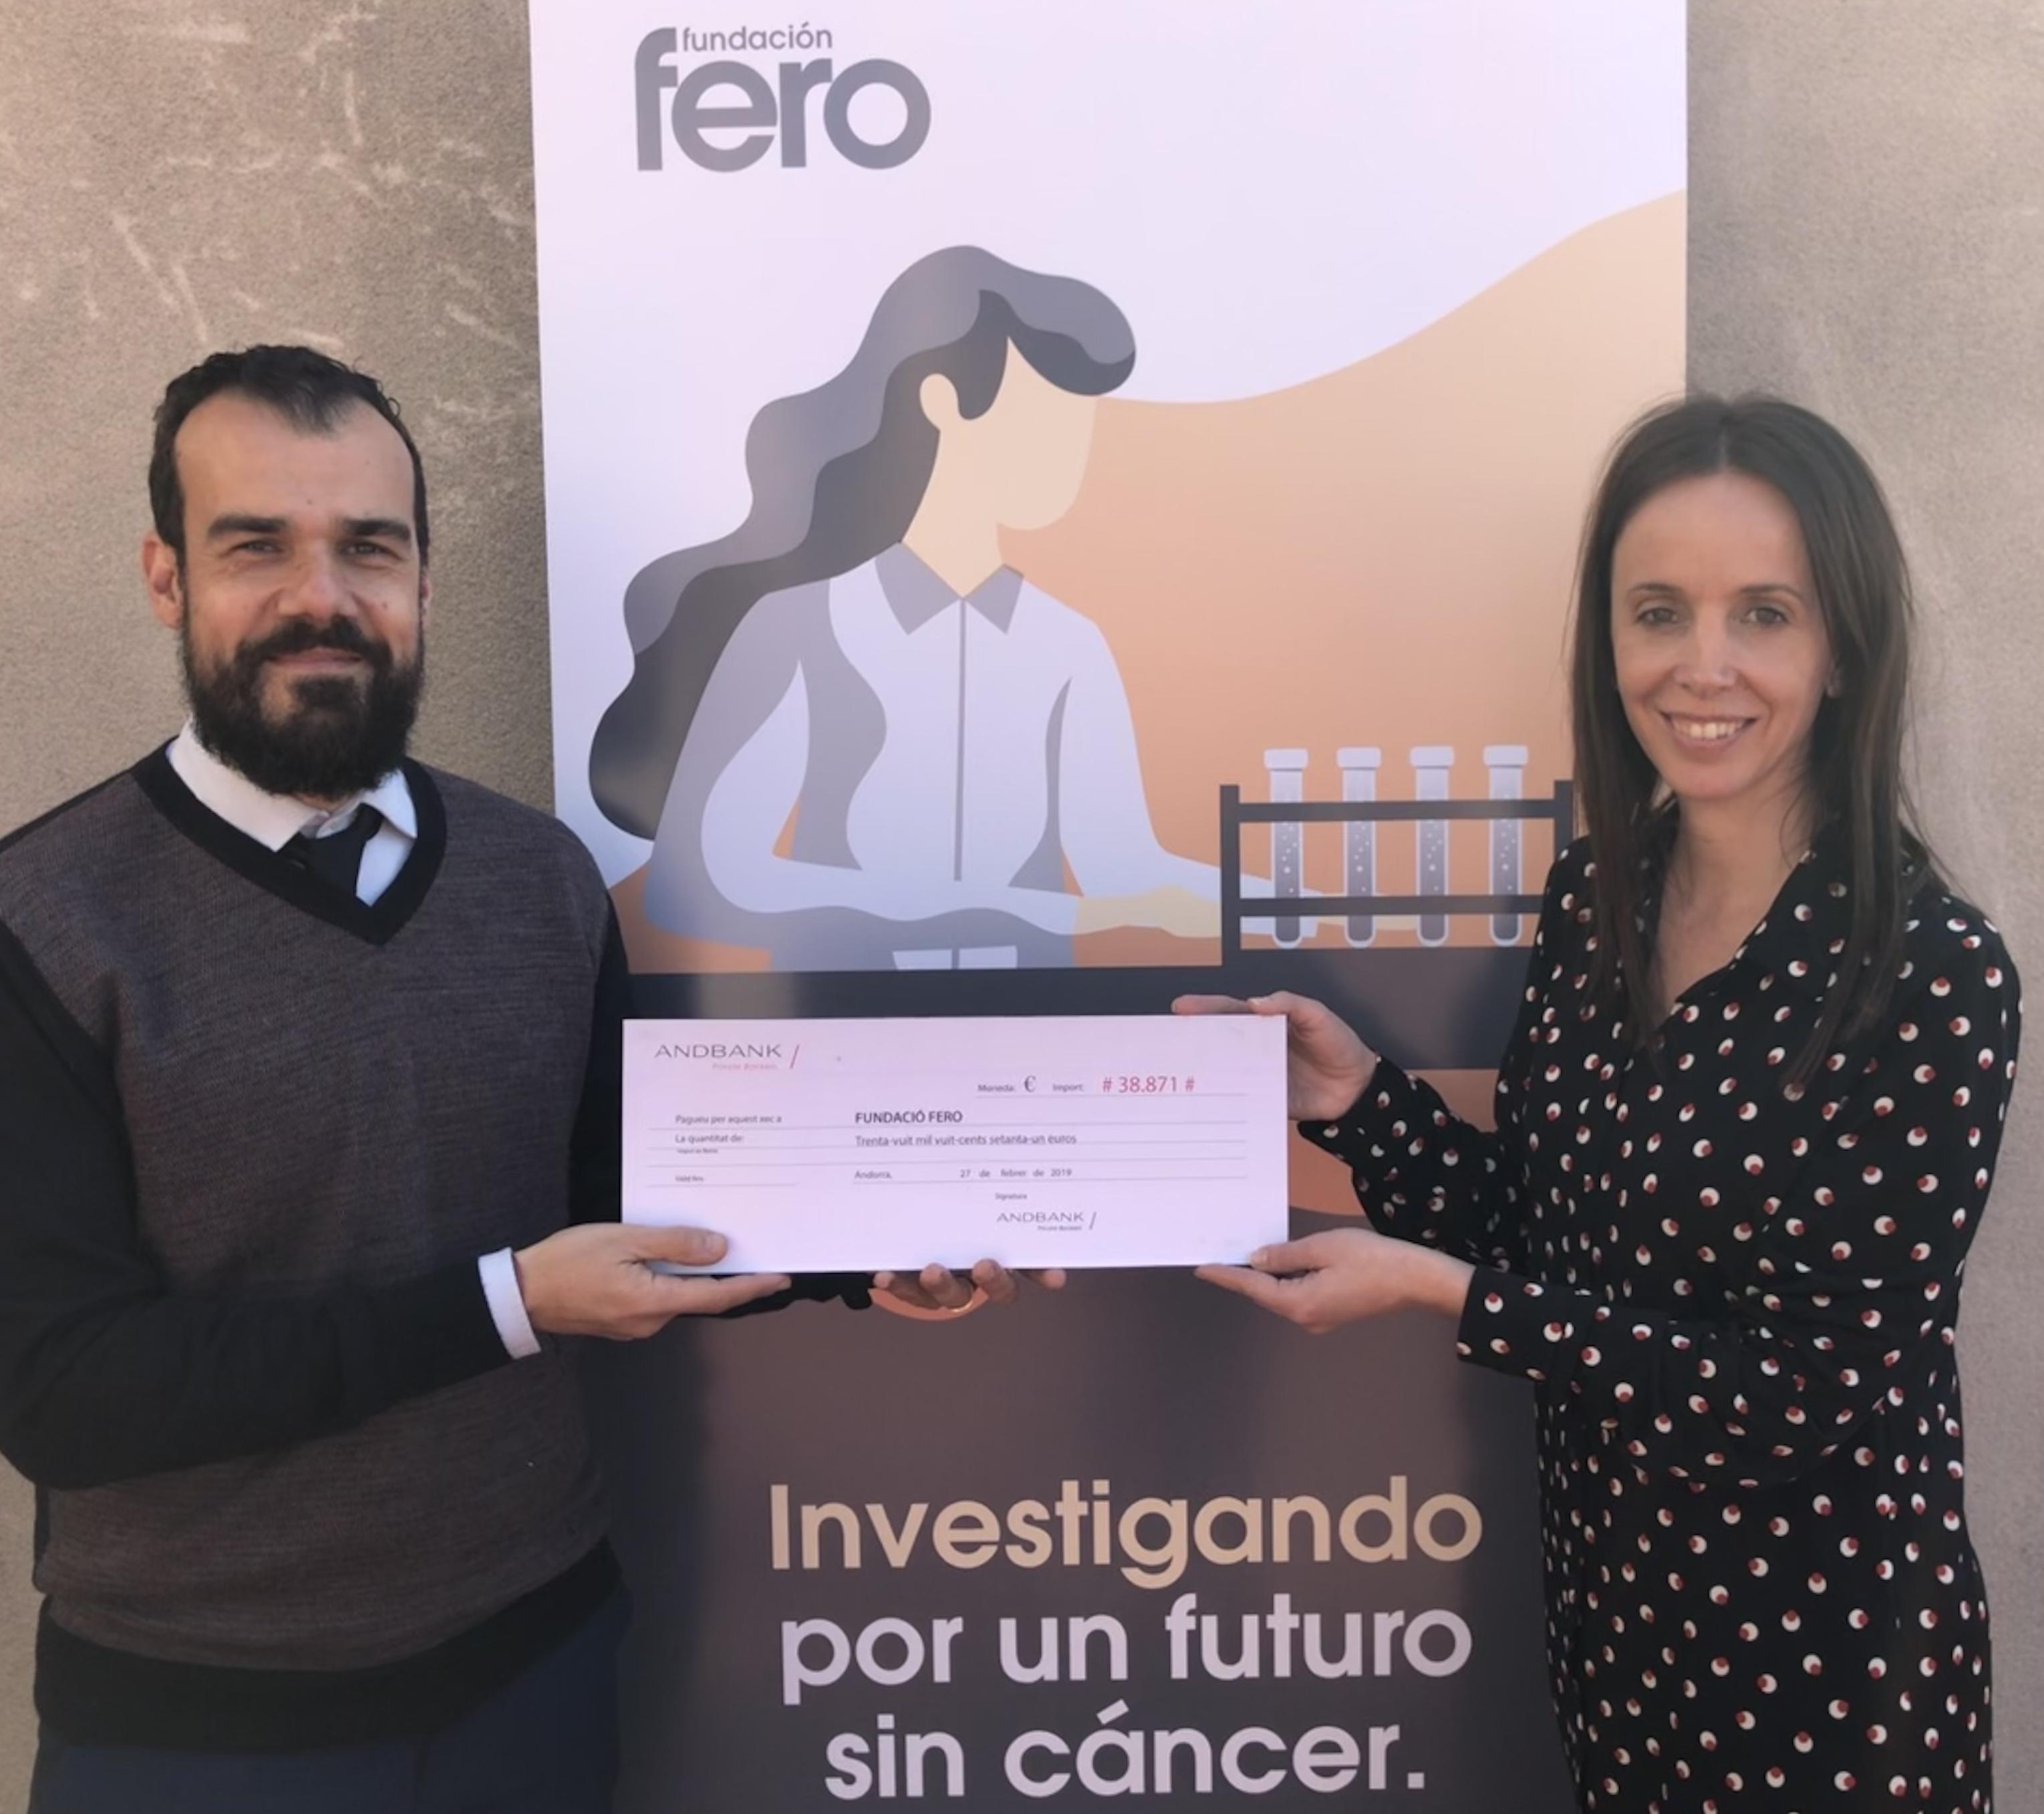 Fundación-Fero-Andbank-FondoSocialmenteResponsable